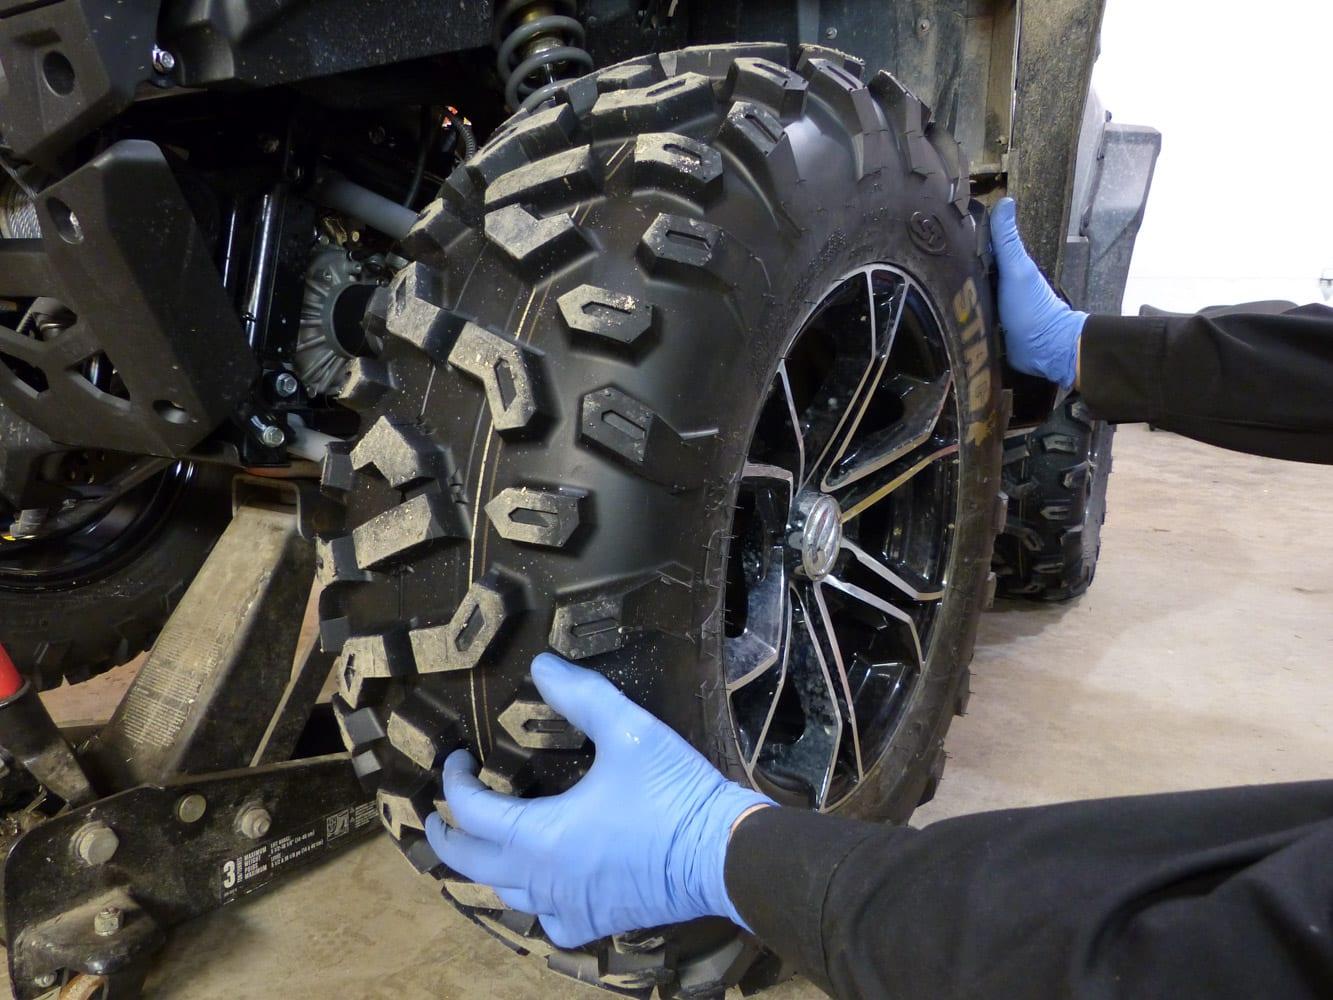 ATV Pre-ride check